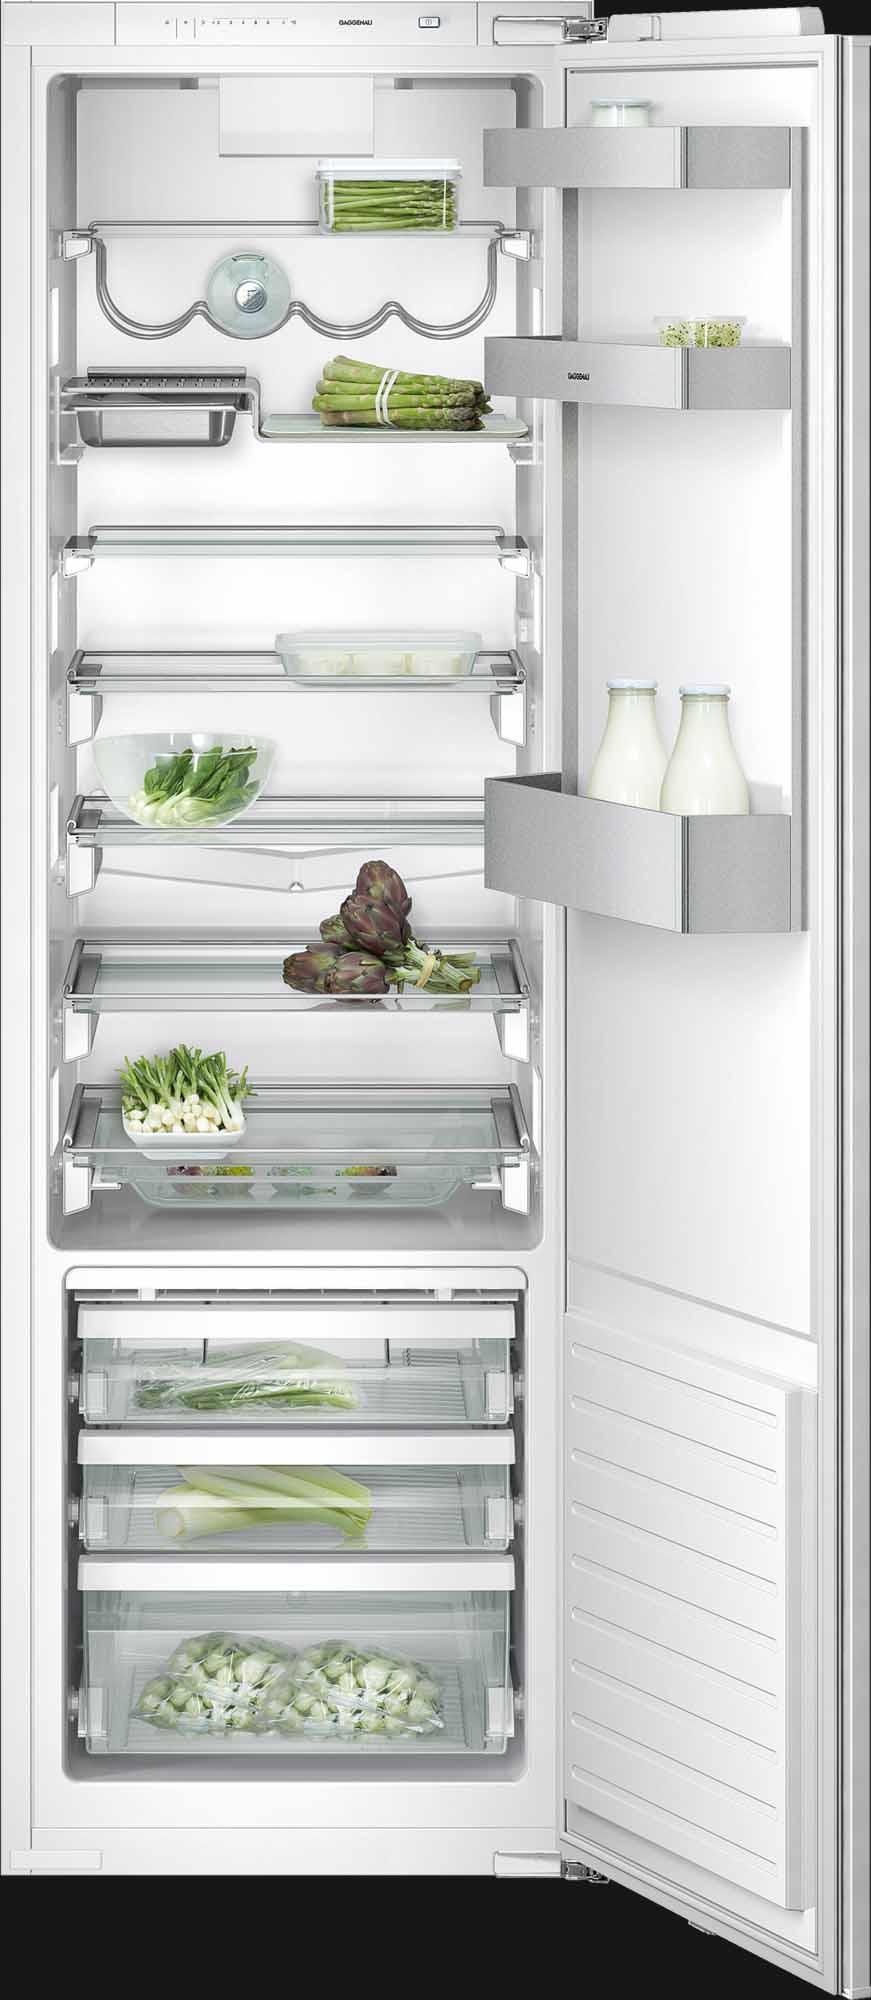 Холодильник GAGGENAU Vario серии 200 RC289203